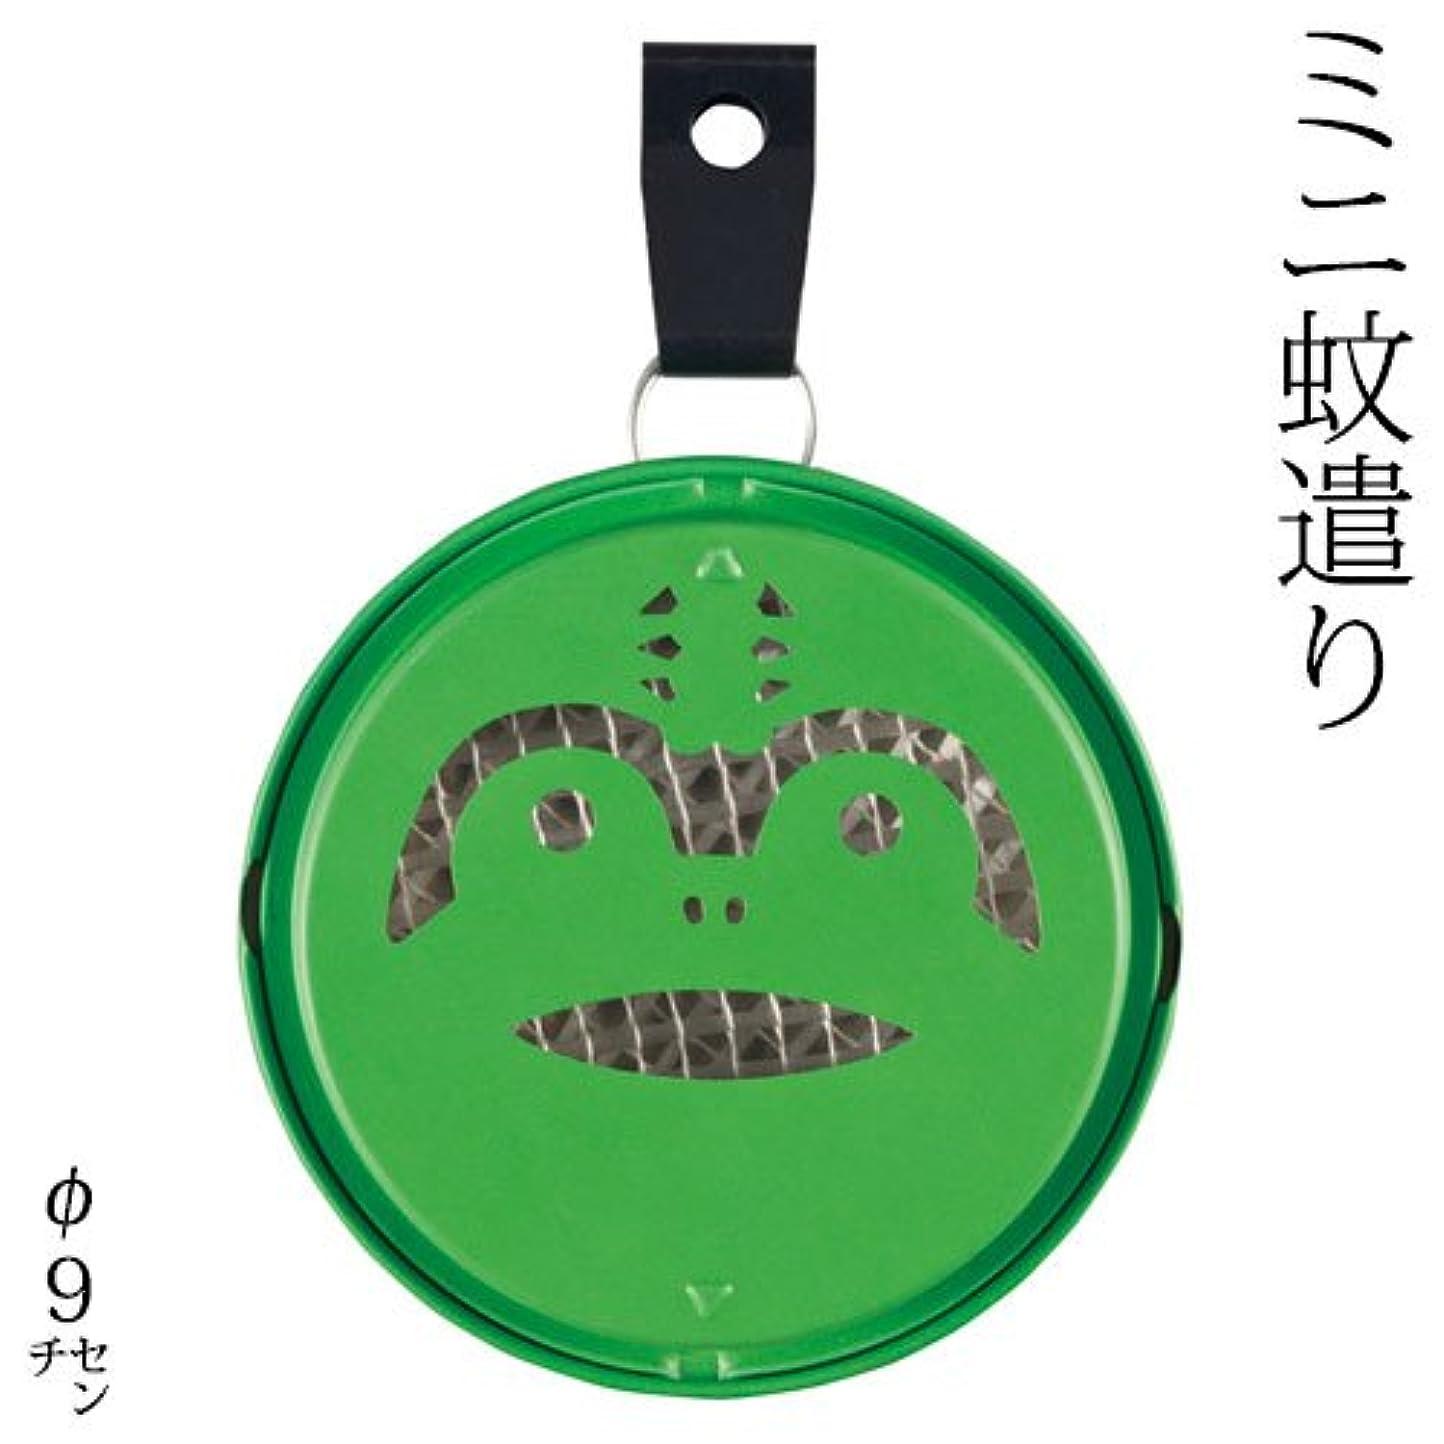 潜在的な繰り返したはずDECOLEポータブルミニ蚊遣りカエル (SK-13932)吊り下げ?床置き対応Portable mini Kayari